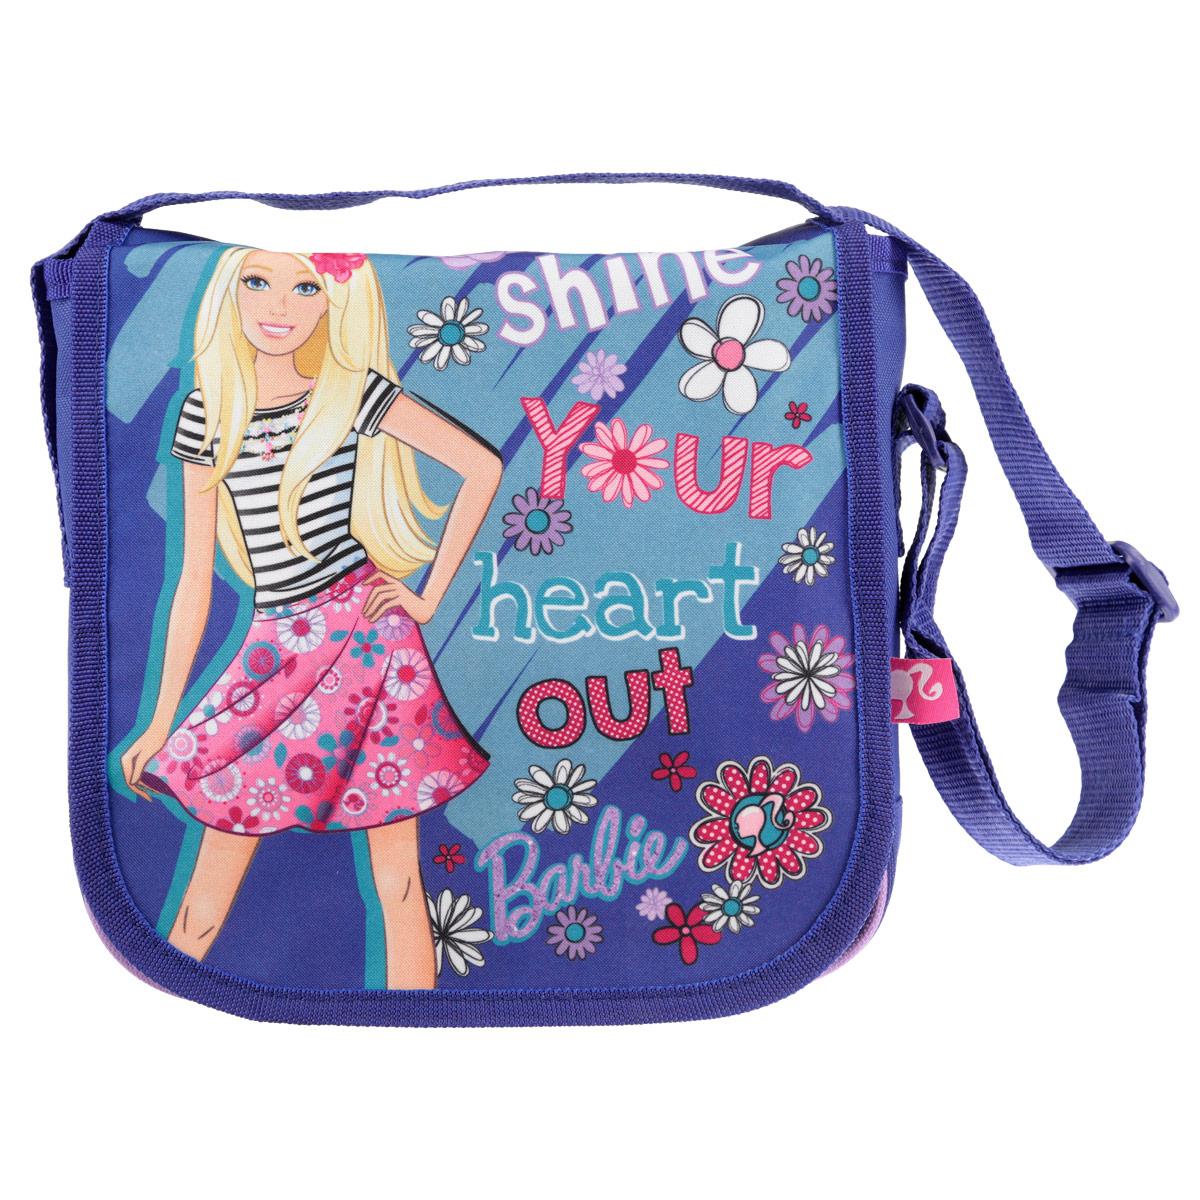 Сумочка детская Barbie, цвет: фиолетовыйBRCB-UT4-4022Стильная детская сумочка Barbie, оформленная изображением известной игрушки Барби, несомненно, понравится вашей малышке. Сумочка имеет одно вместительное отделение, закрывающееся на металлическую застежку-молнию и клапаном на липучках, что дает дополнительную сохранность содержимого сумочки. Сумочка оснащена регулируемым по длине ремнем для переноски, благодаря чему подойдет детям любого роста. Окантовка сумки выполнена из плотной текстильной каймы. Каждая юная поклонница популярной серии игрушек, будет рада такому аксессуару. Предназначено для детей 7-10 лет.